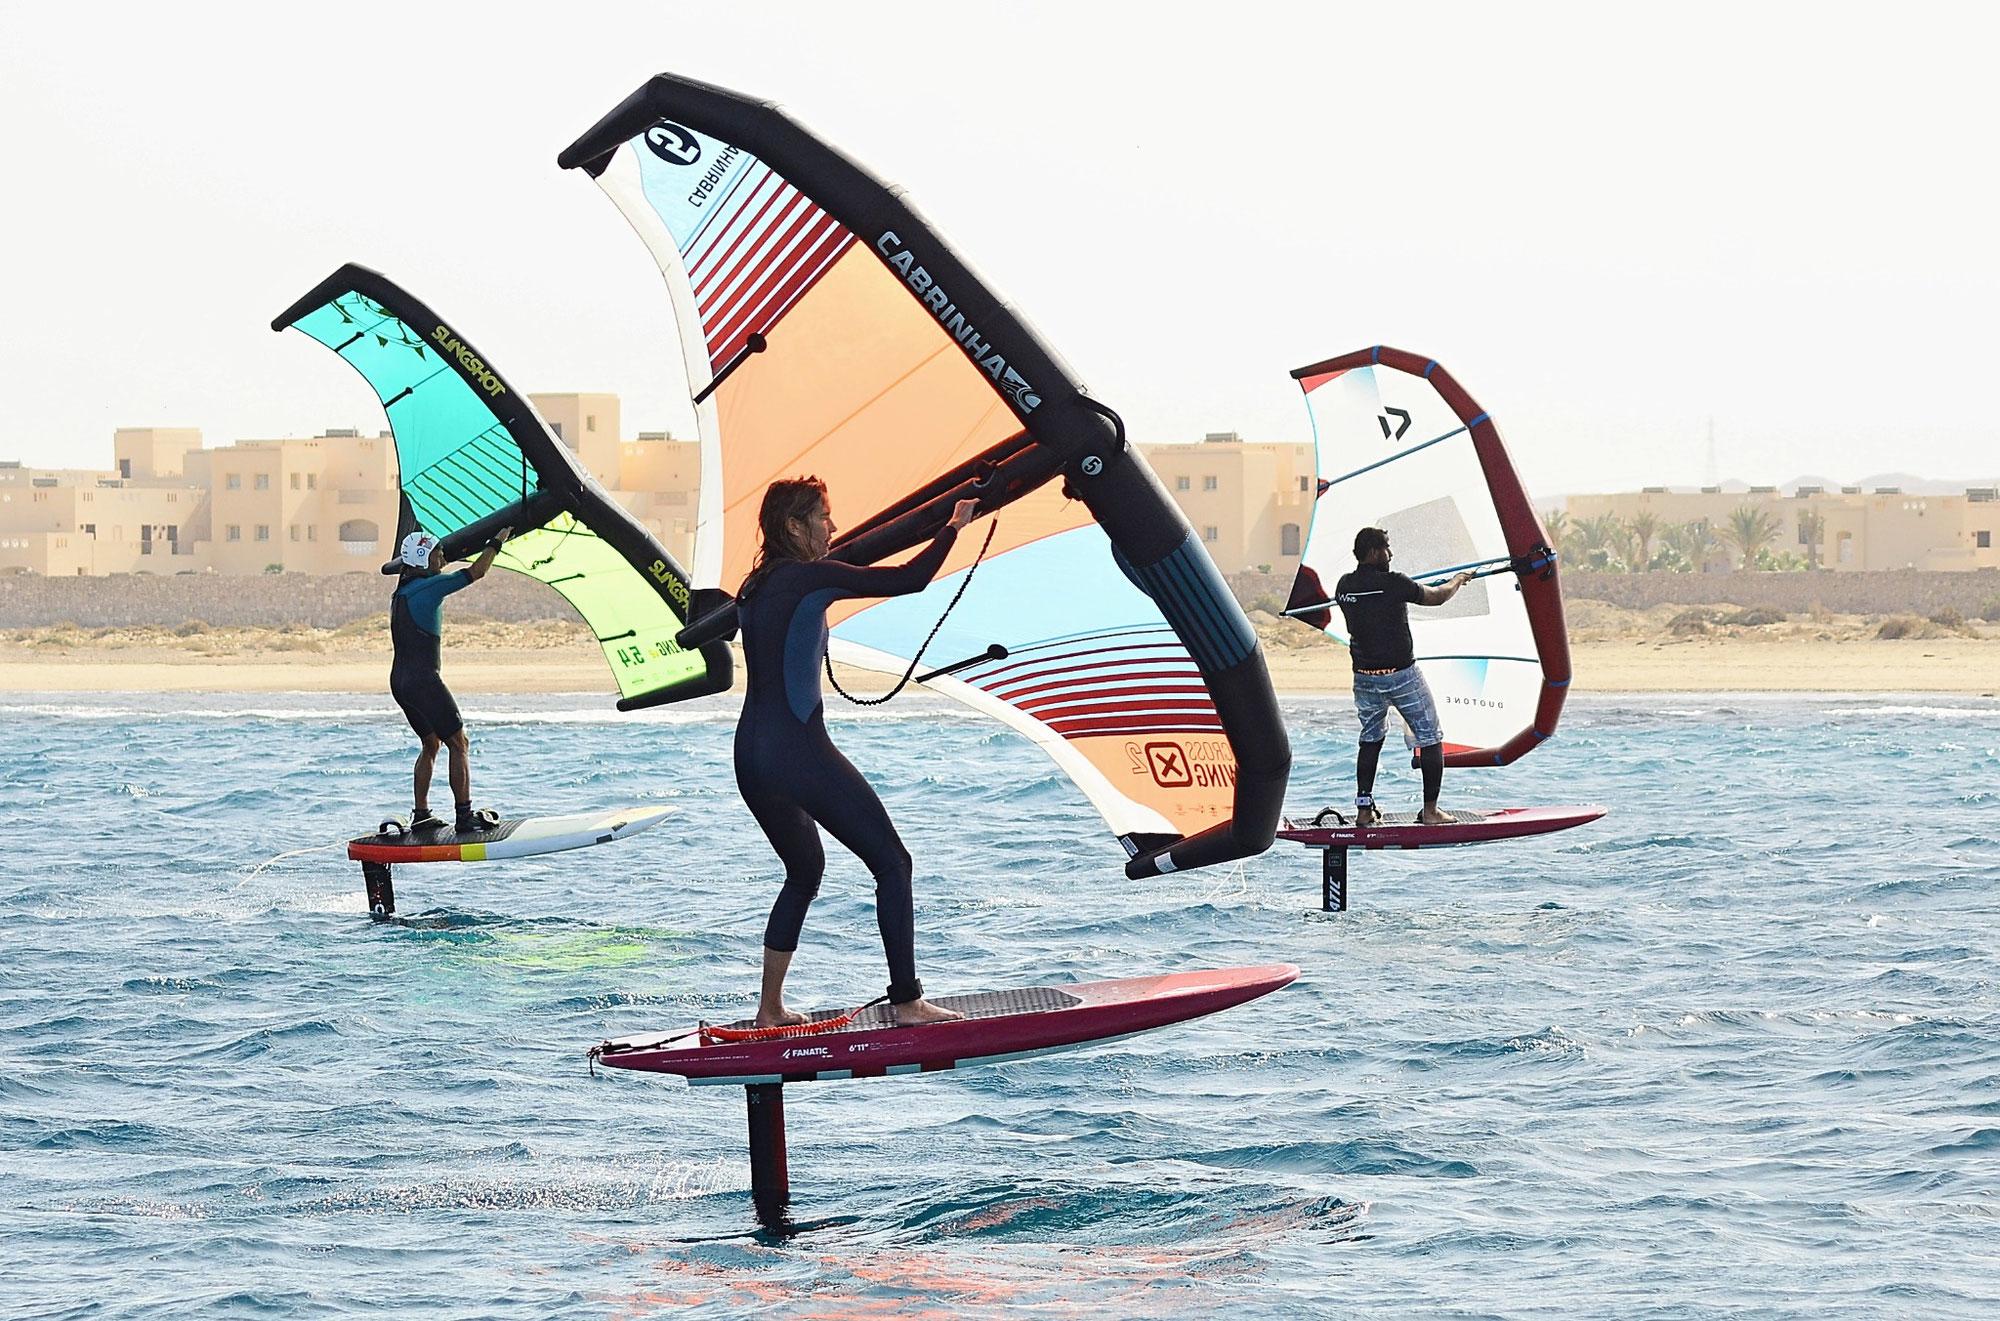 Mit Flügeln über das Wasser- Wingsurfen der Wassersport des Sommers 2021